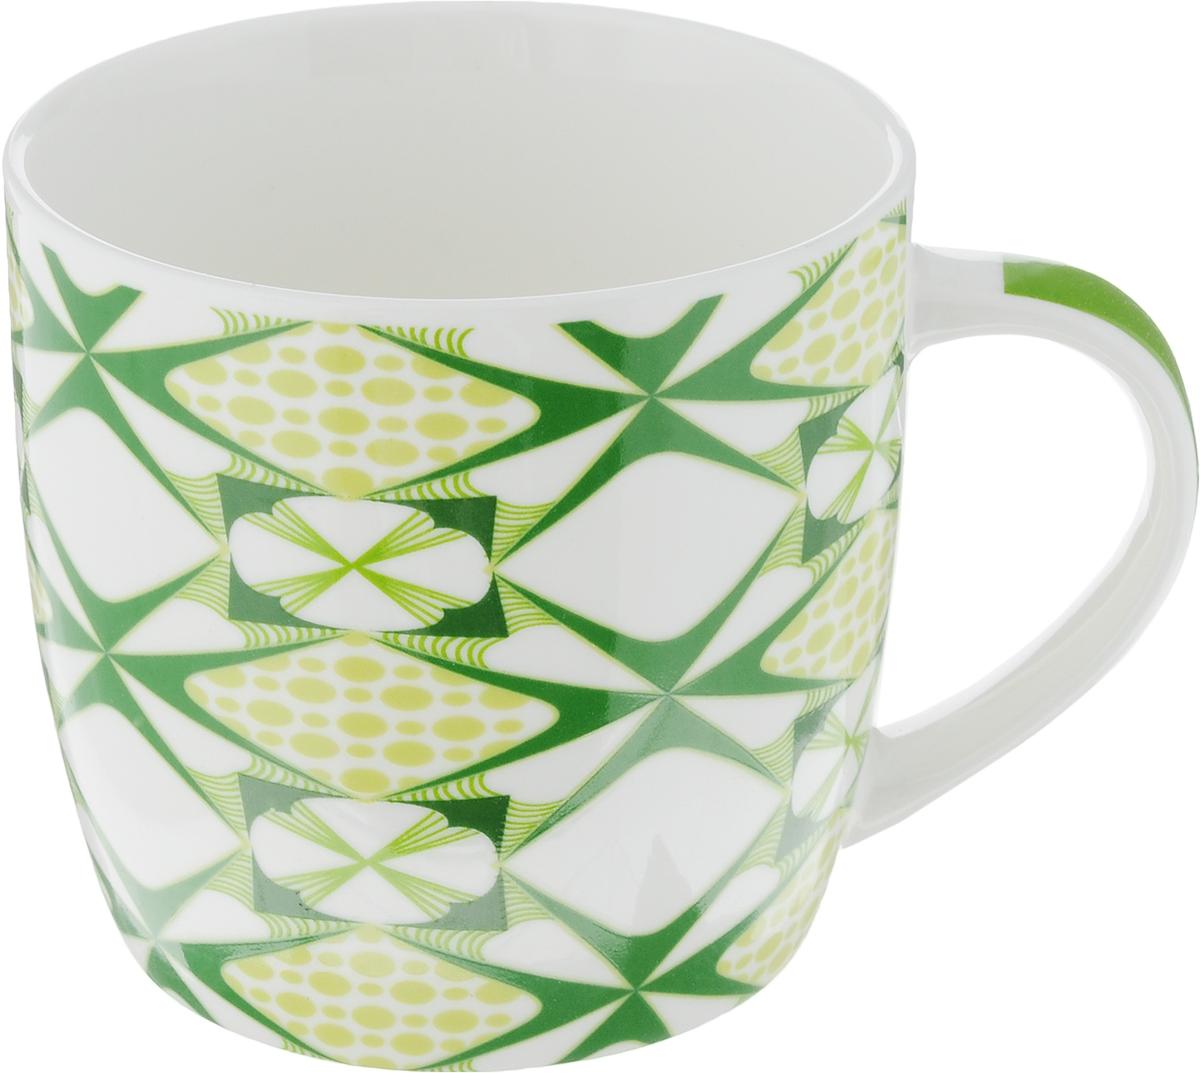 Кружка Loraine, цвет: белый, зеленый, салатовый, 320 мл. 2447324473Кружка Loraine изготовлена из прочного качественного костяного фарфора. Изделие оформлено красочным рисунком. Благодаря своим термостатическим свойствам, изделие отлично сохраняет температуру содержимого - морозной зимой кружка будет согревать вас горячим чаем, а знойным летом, напротив, радовать прохладными напитками. Такой аксессуар создаст атмосферу тепла и уюта, настроит на позитивный лад и подарит хорошее настроение с самого утра. Это оригинальное изделие идеально подойдет в подарок близкому человеку. Диаметр (по верхнему краю): 8,5 см.Высота кружки: 8,2 см. Объем: 320 мл.